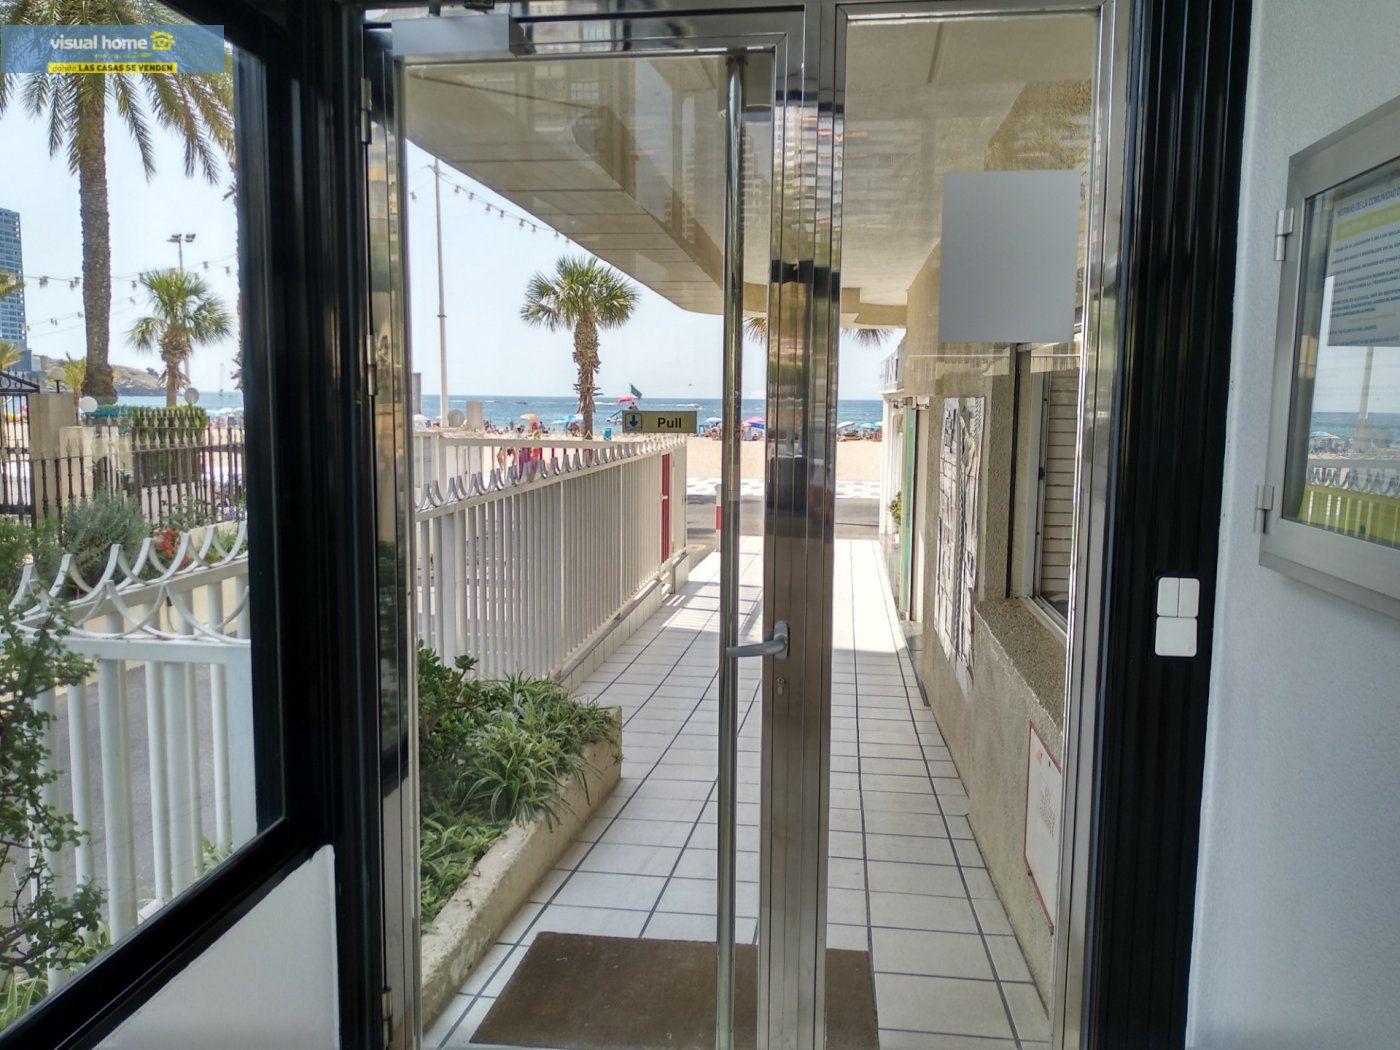 Apartamento de 1 dormitorio con espectaculares vistas  en 1ª linea de playa con parking y piscina 29